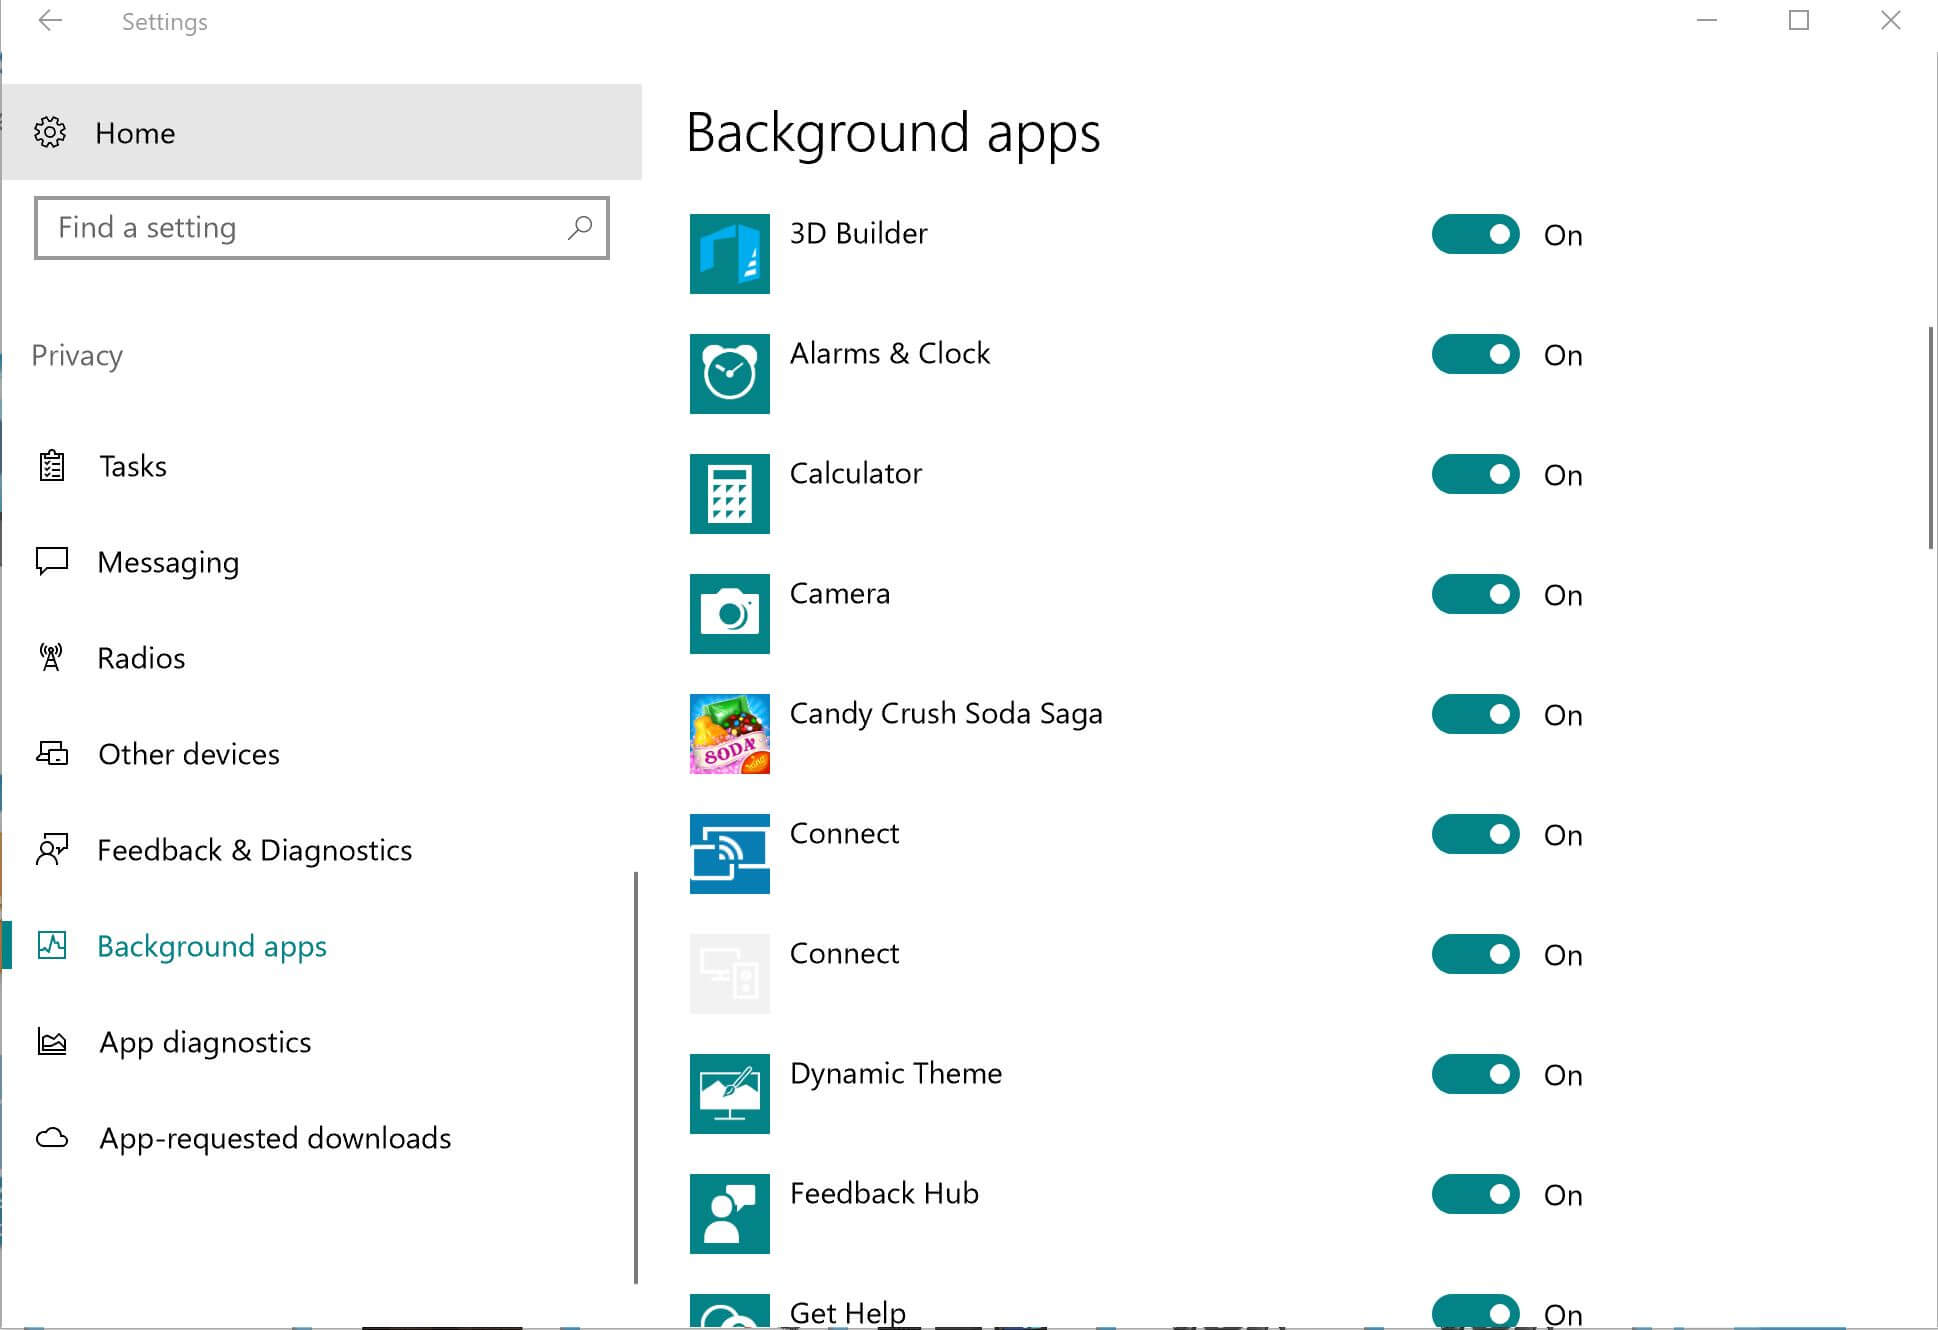 A configuração dos aplicativos em segundo plano no Windows 10